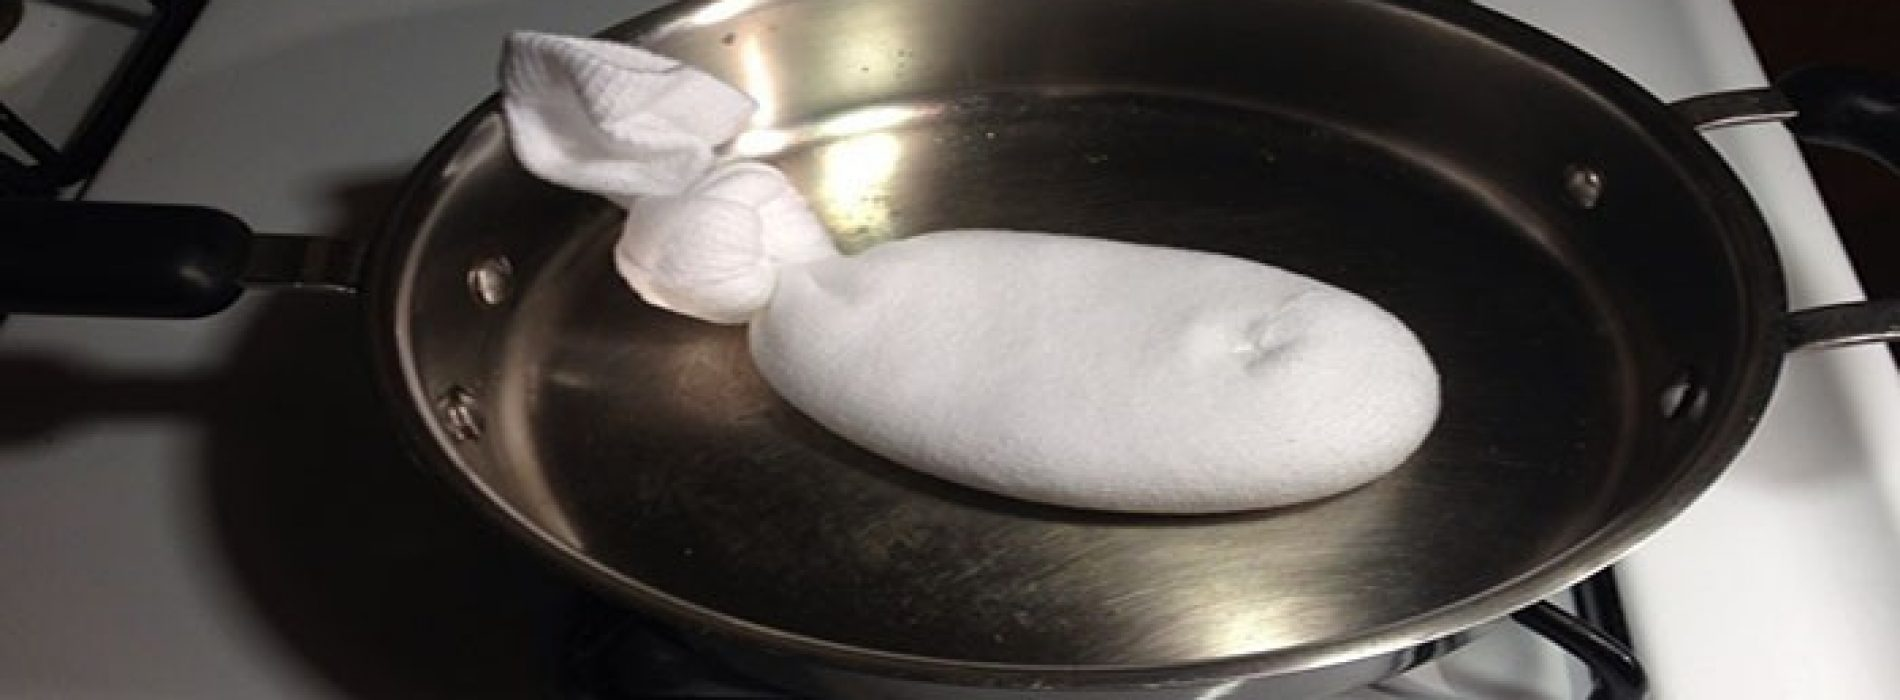 Als je zout in een sok doet en vervolgens in een pan verwarmt, wat dat vervolgens doet? Geweldig!